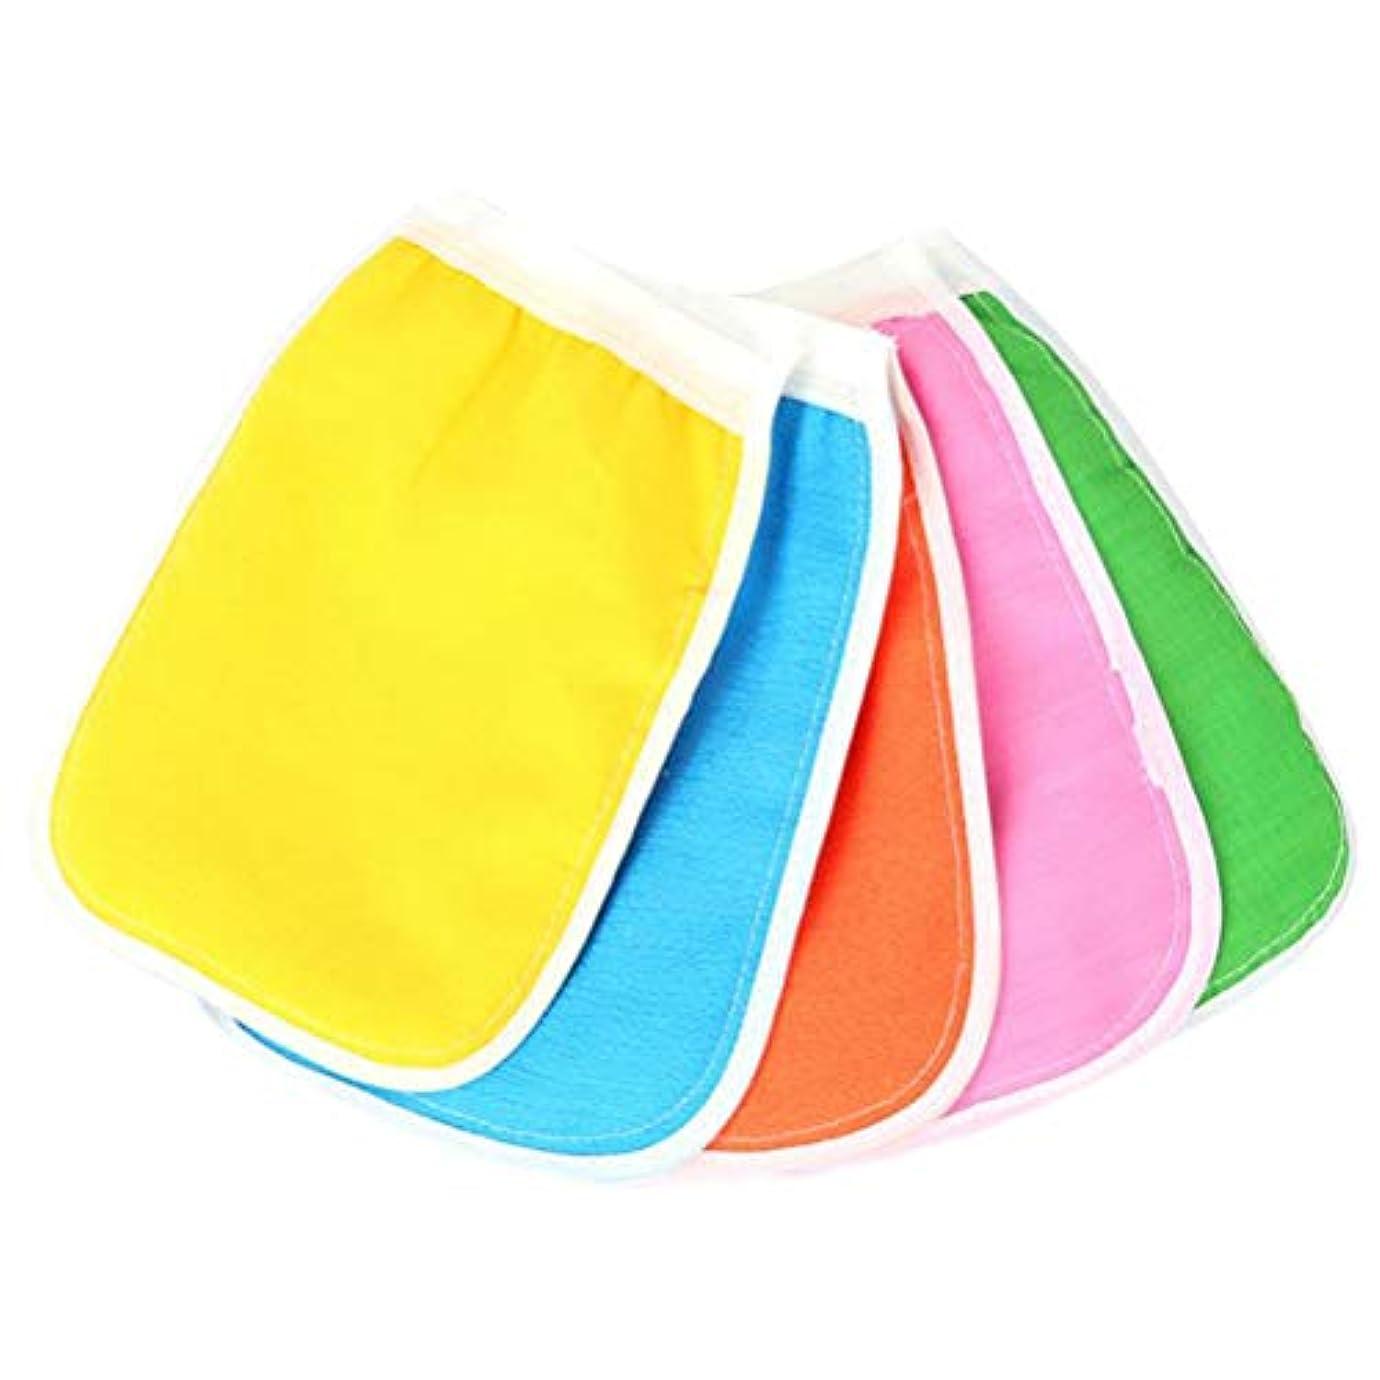 ゲームハーフ容疑者HEALIFTY ボディスクラブミトン手袋入浴シャワースパ用クレンジングツール(混色)のための5本の剥離手袋